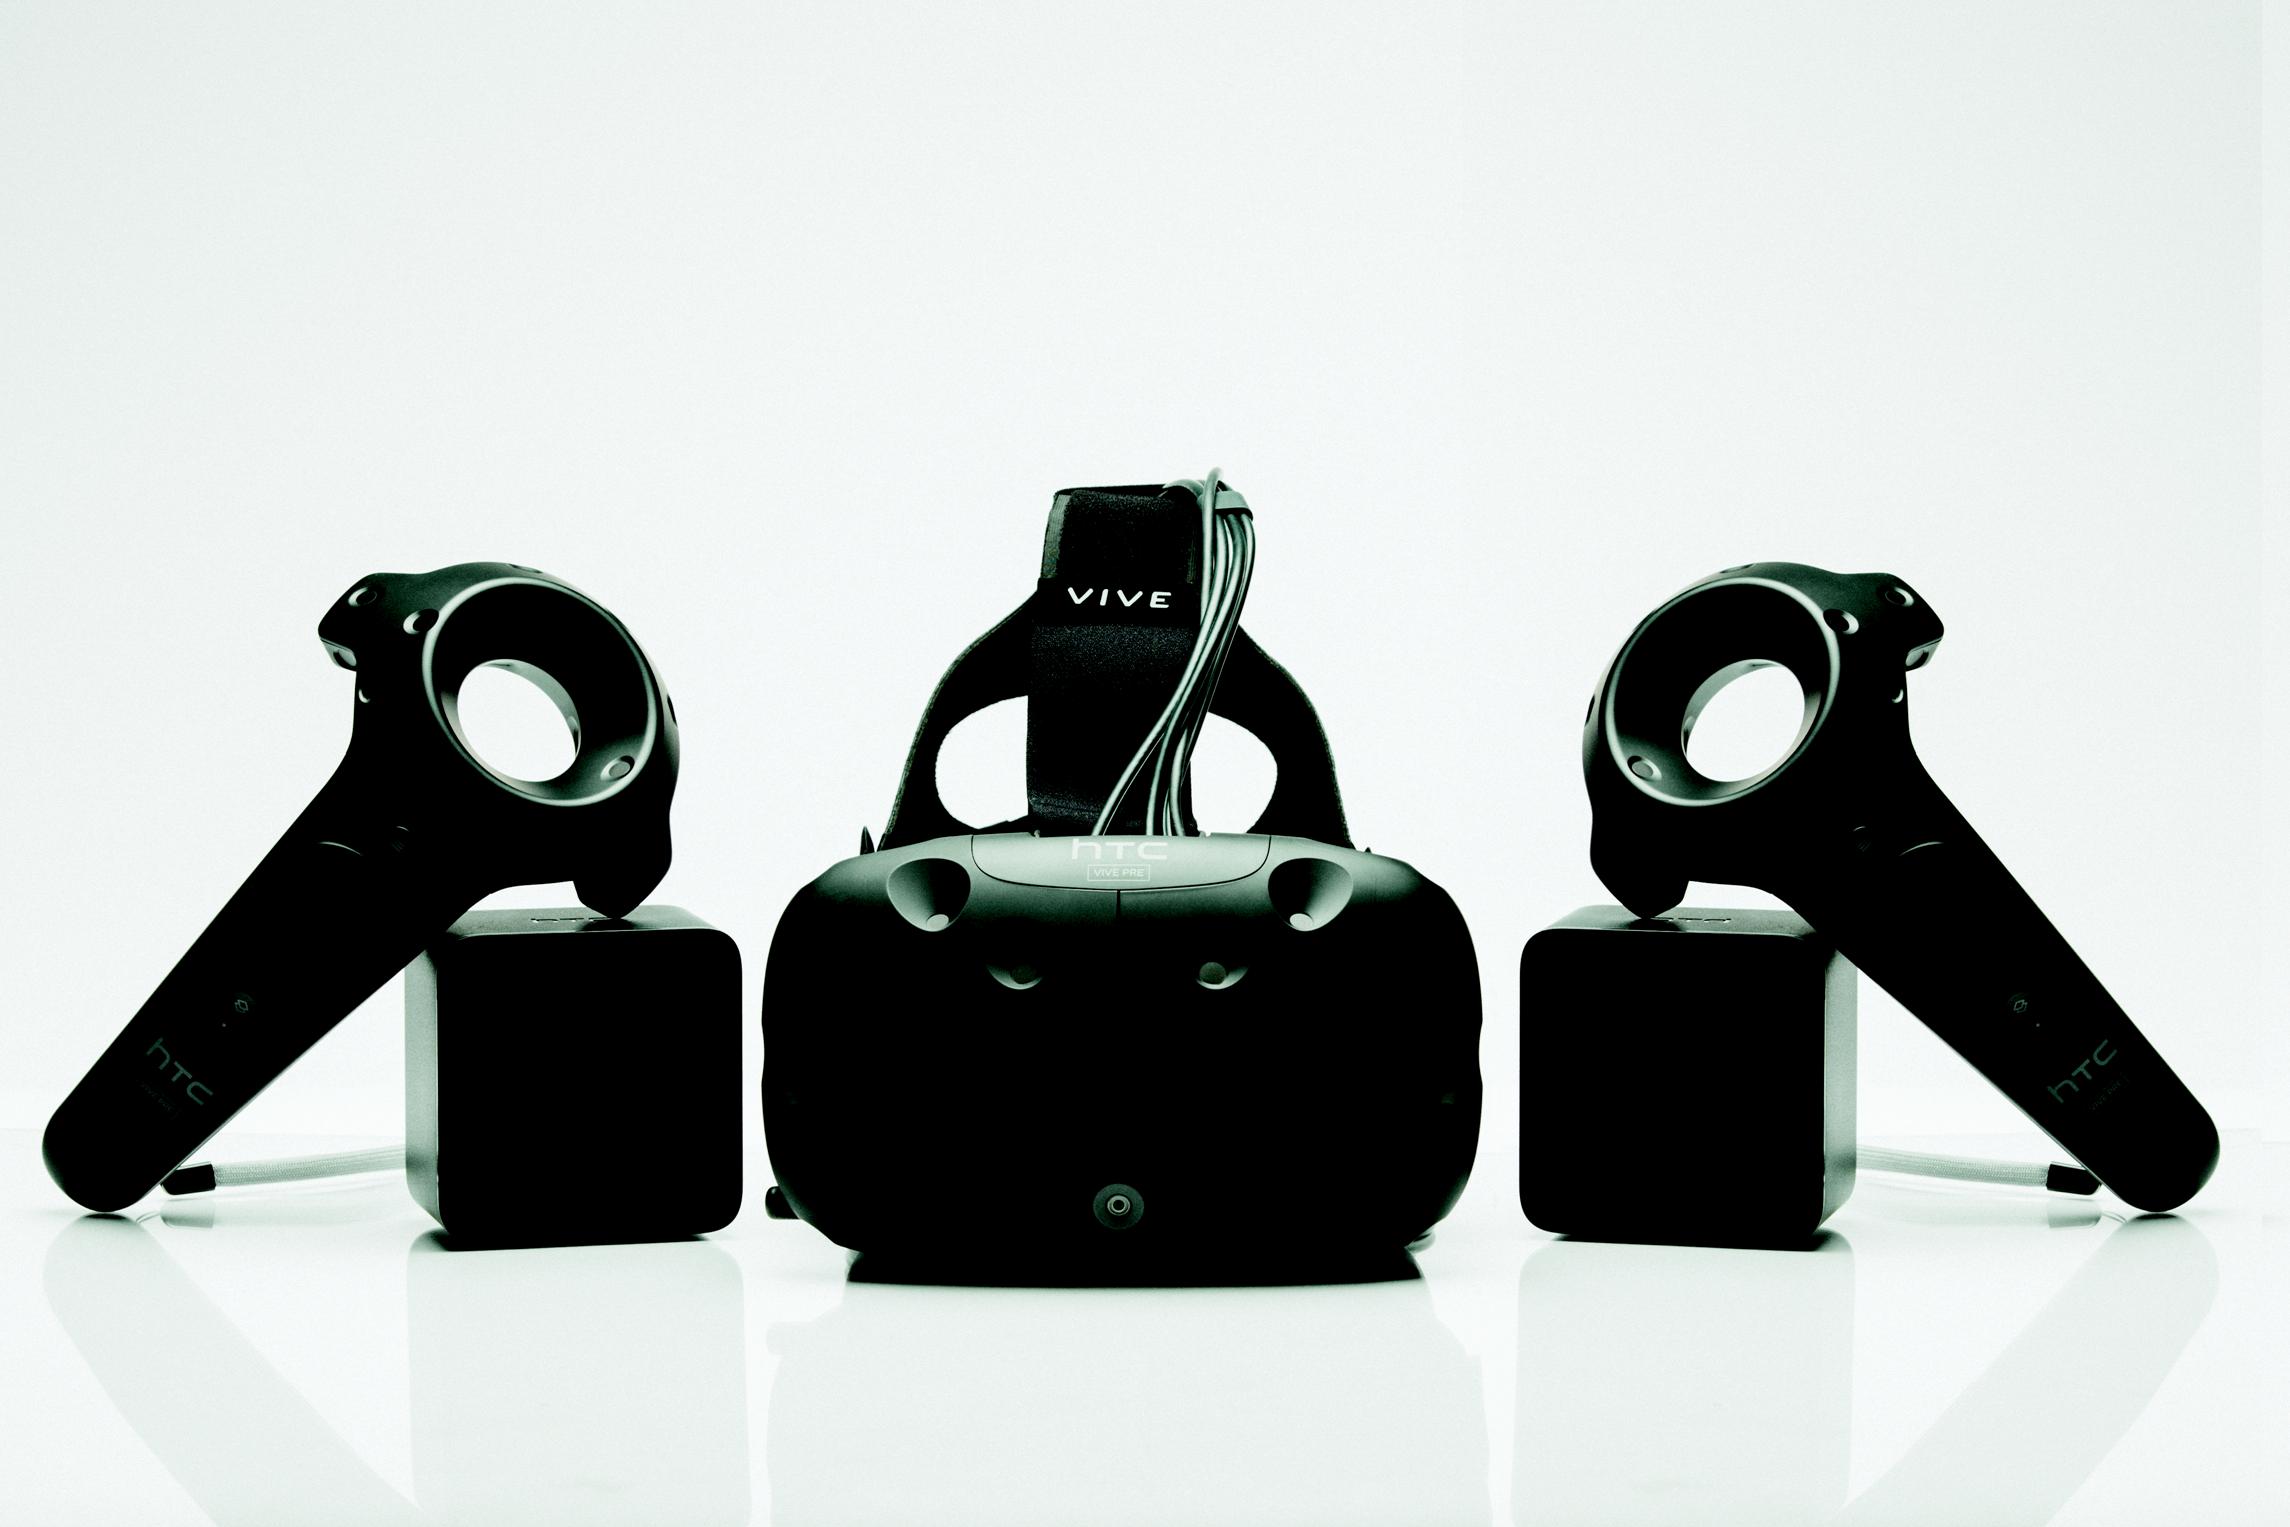 HTC Vive Pre announced